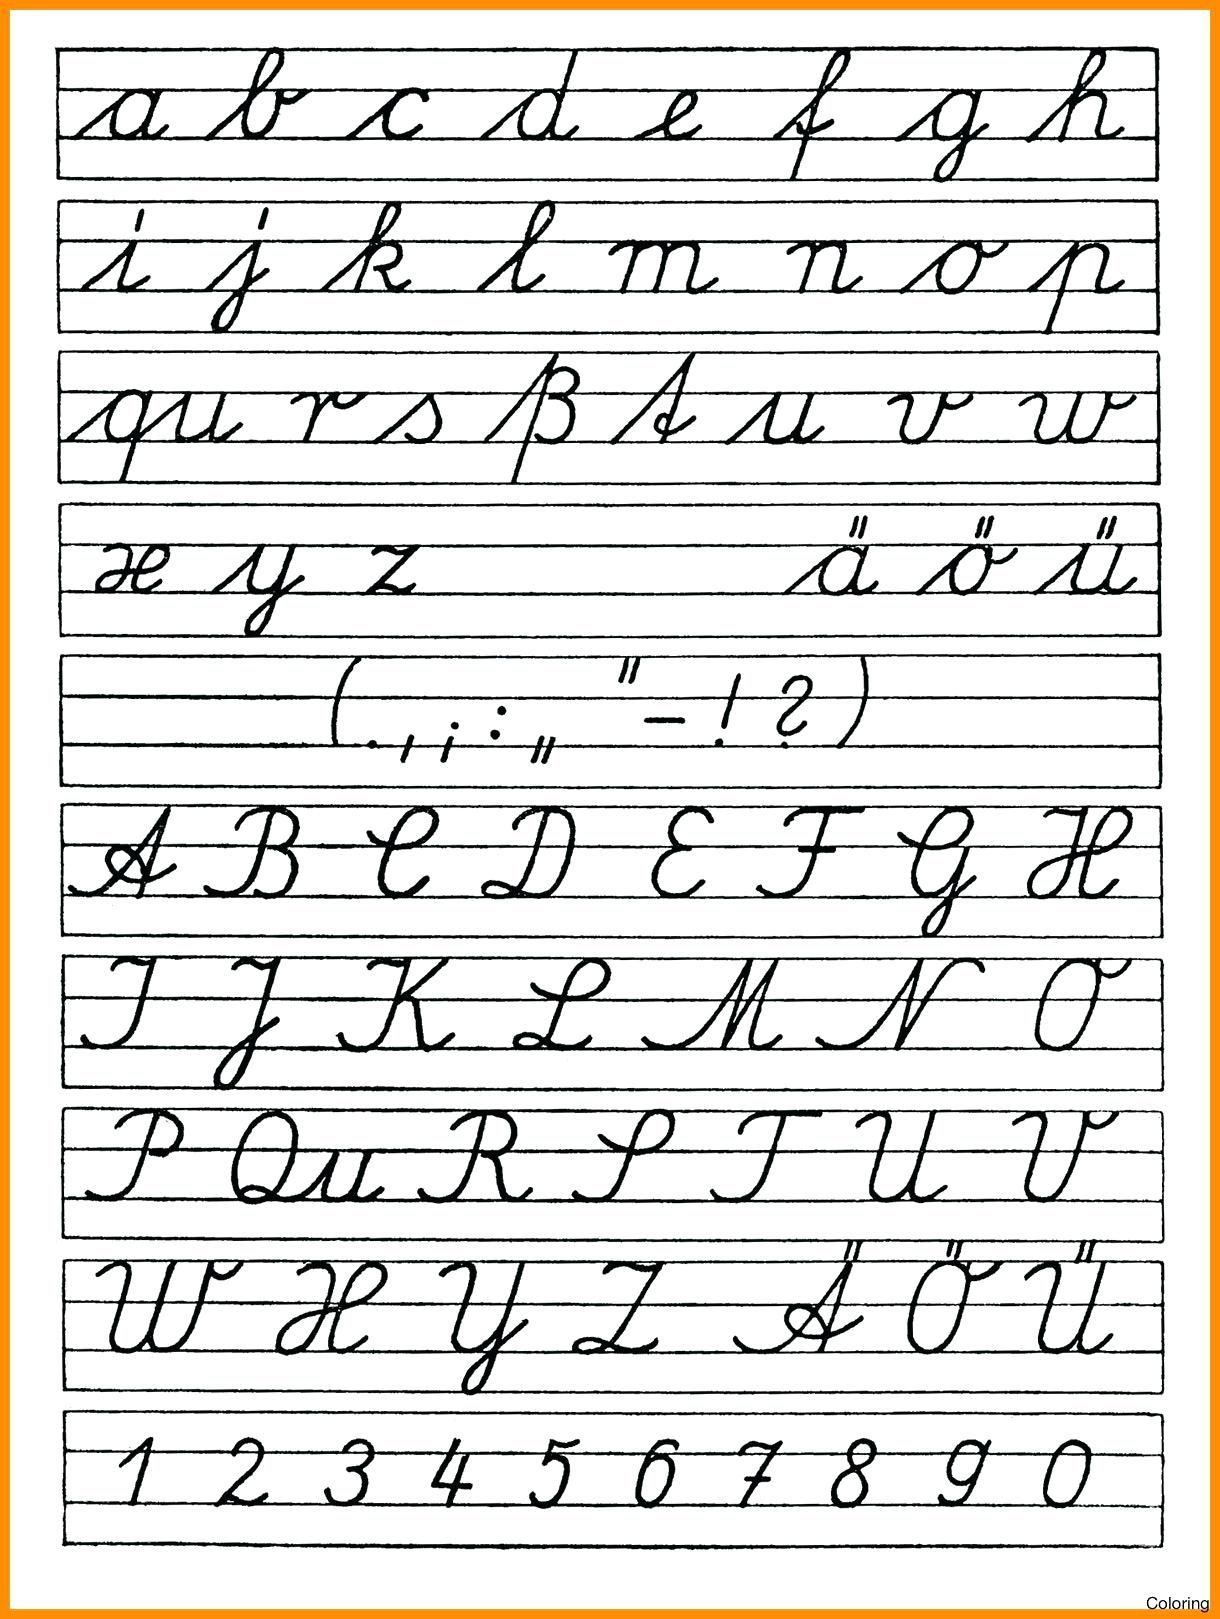 Cursive Letter Worksheet Printables Cursive Alphabet Handwriting - Free Printable Cursive Alphabet